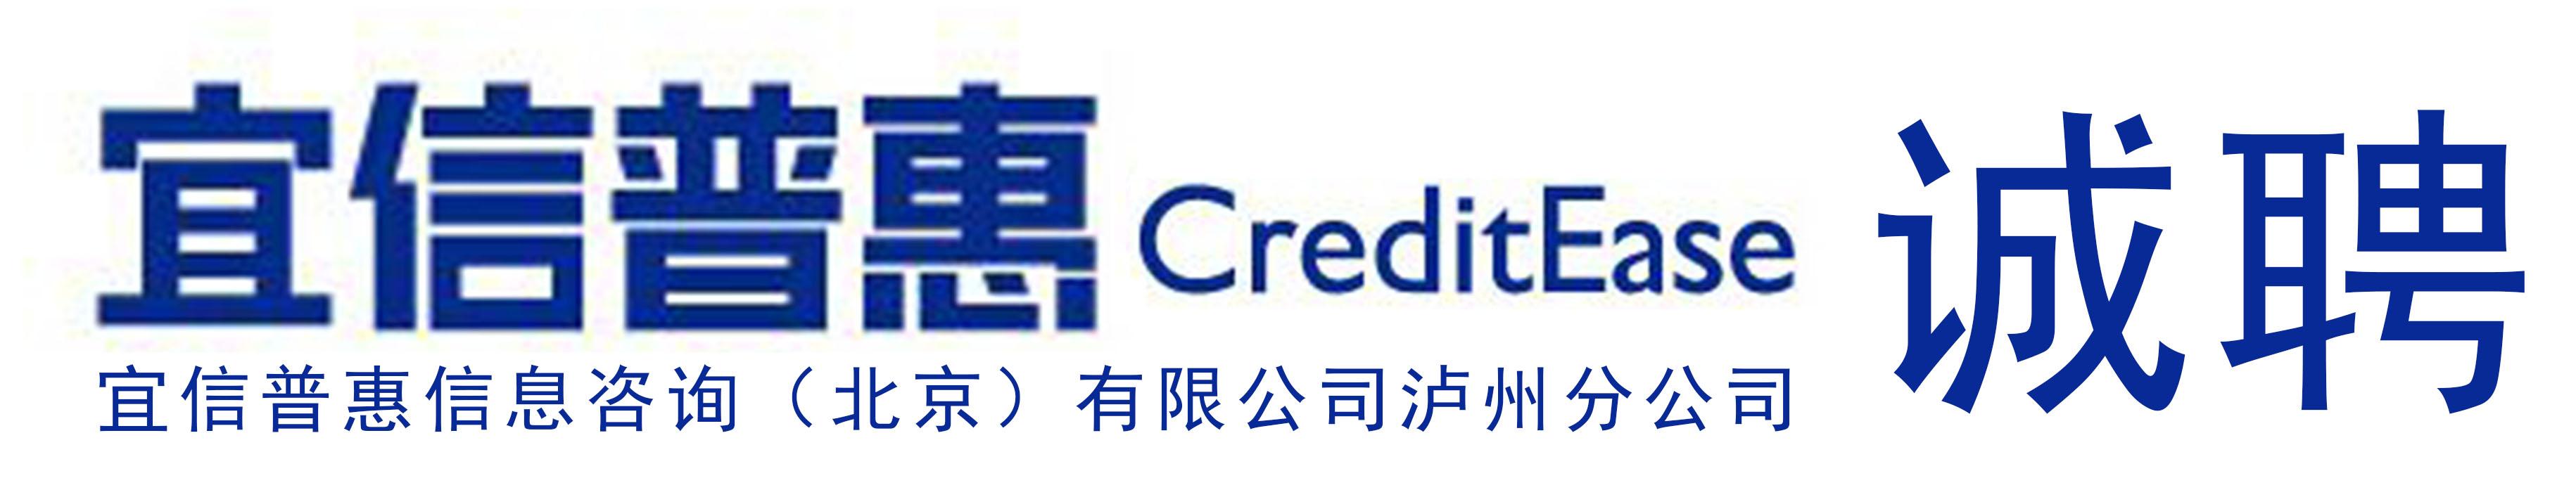 宜信普惠信息咨询(北京)有限公司泸州分公司